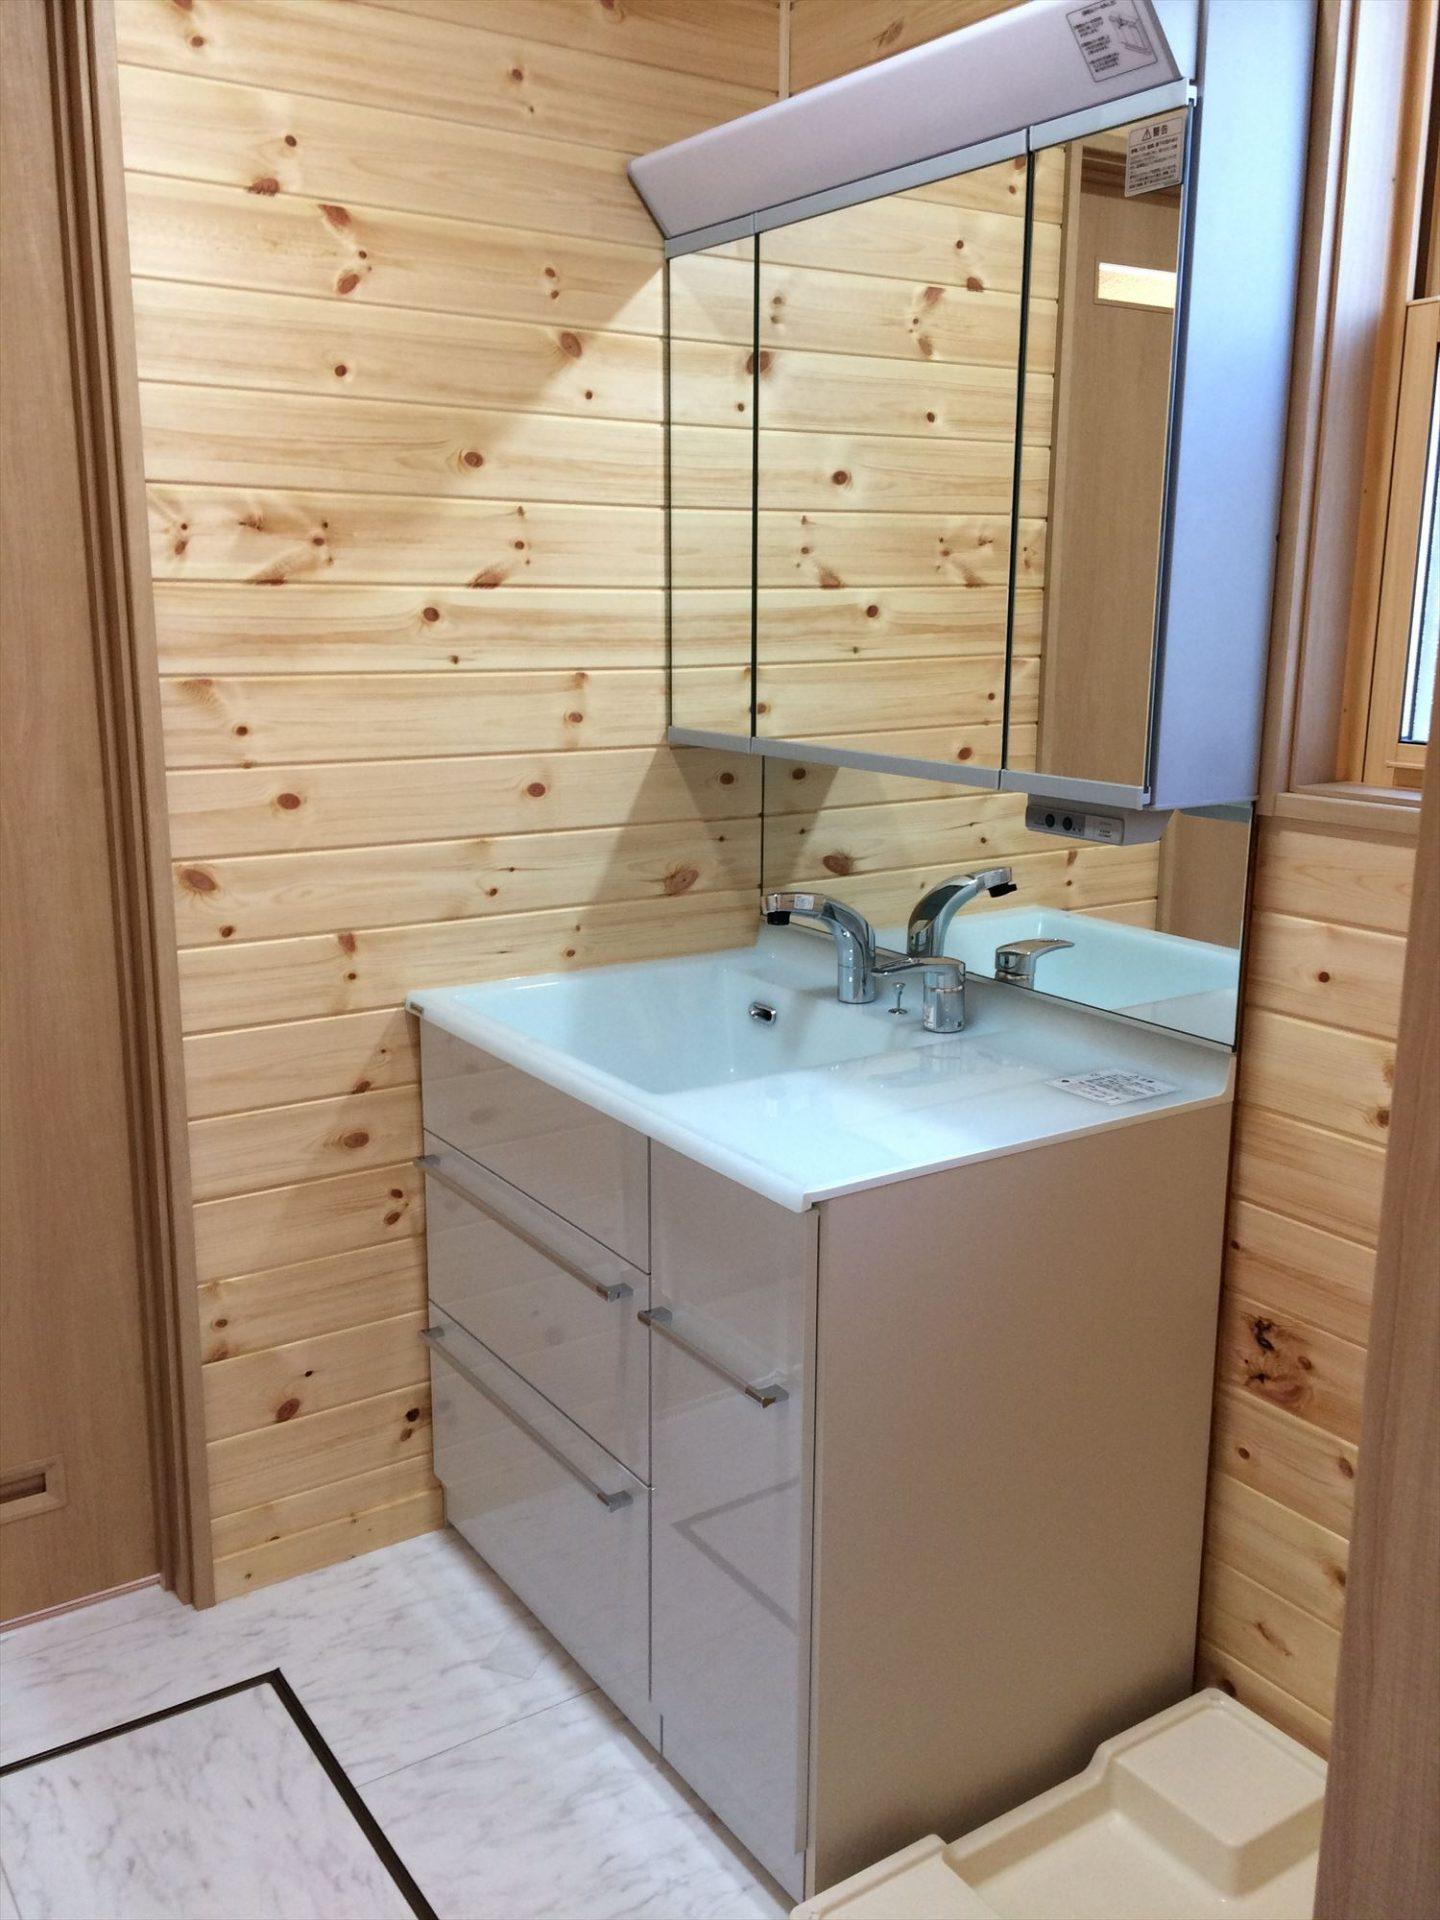 別荘に最適な平屋の洗面台|新島村の注文住宅,ログハウスのような木の家を低価格で建てるならエイ・ワン